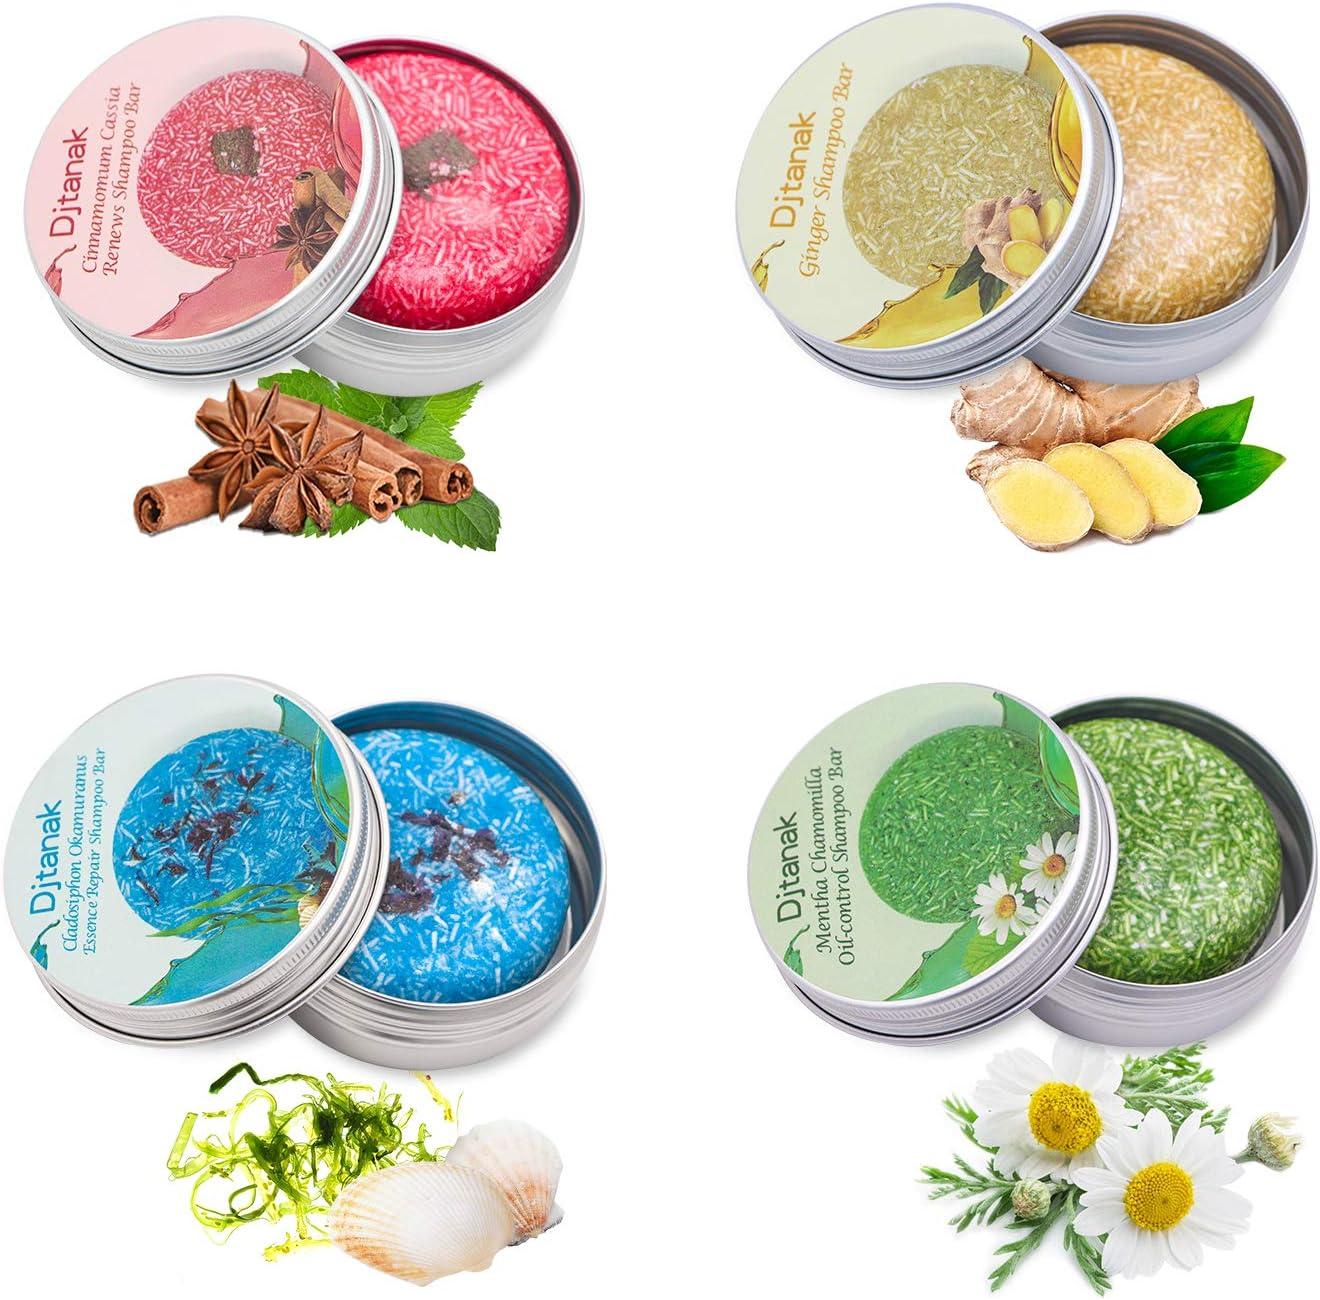 Djtanak Champú Sólido Organico 4 Pcs, Natural Herbal Champú para, Tratamiento de diferentes fragancias para la caida del pelo, anticaspa (Champú de jengibre, algas marinas, canela y menta)